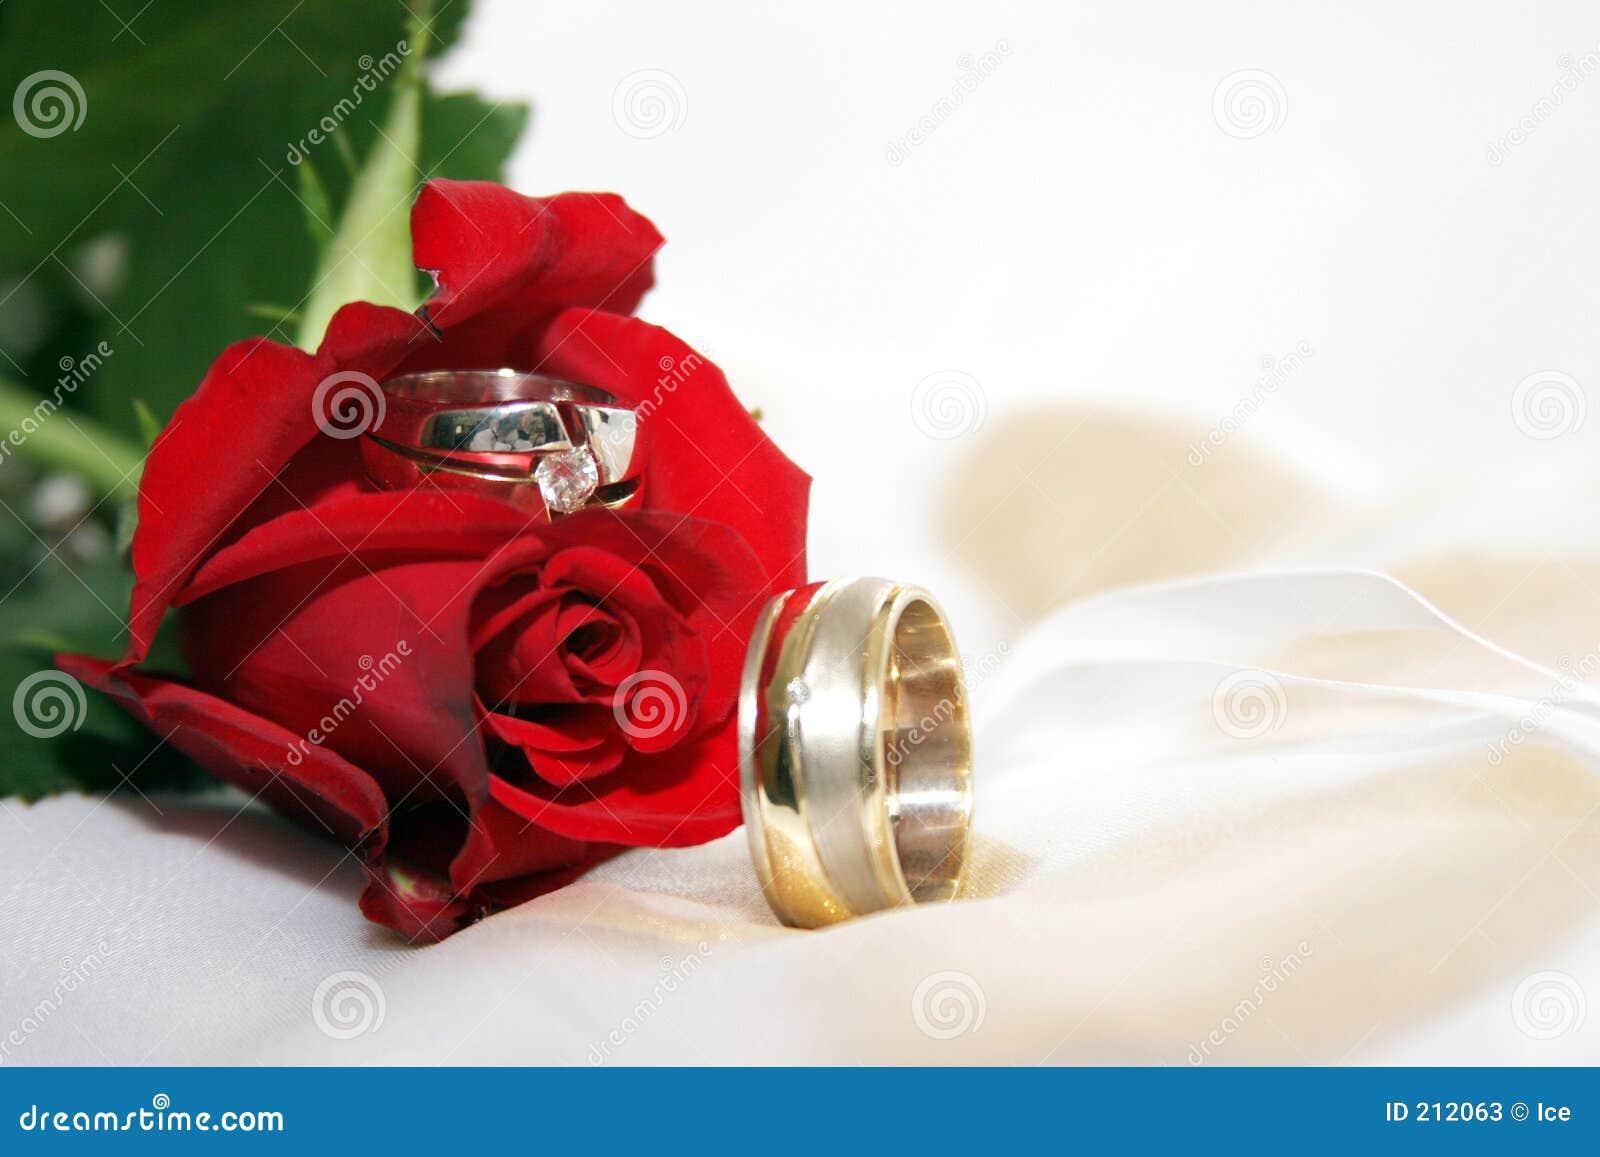 Rot Stieg Mit Hochzeitsringen Stockbild Bild Von Kunst Blume 212063